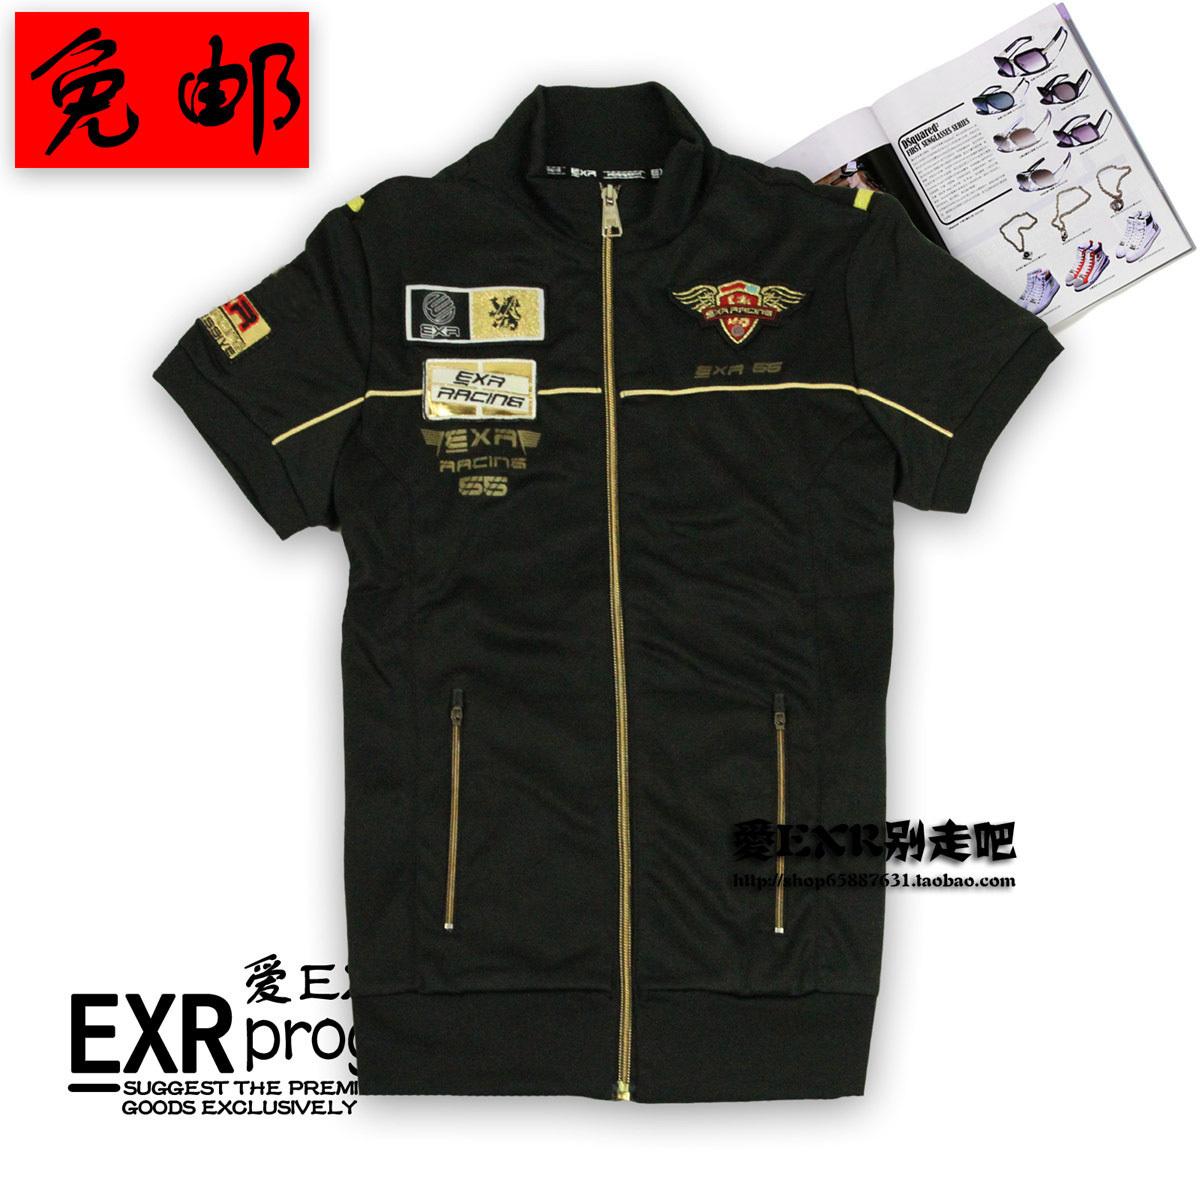 Спортивная футболка EXR 170A 170 Стандартный Закругленный вырез Короткие рукава ( ≧35cm ) Полиэстер Спорт и отдых Влагопоглощающая функция, Защита от UV, Быстросохнущие, Ультралегкий, Воздухопроницаемые Эмблемы, С логотипом бренда, Дизайн, С надписями